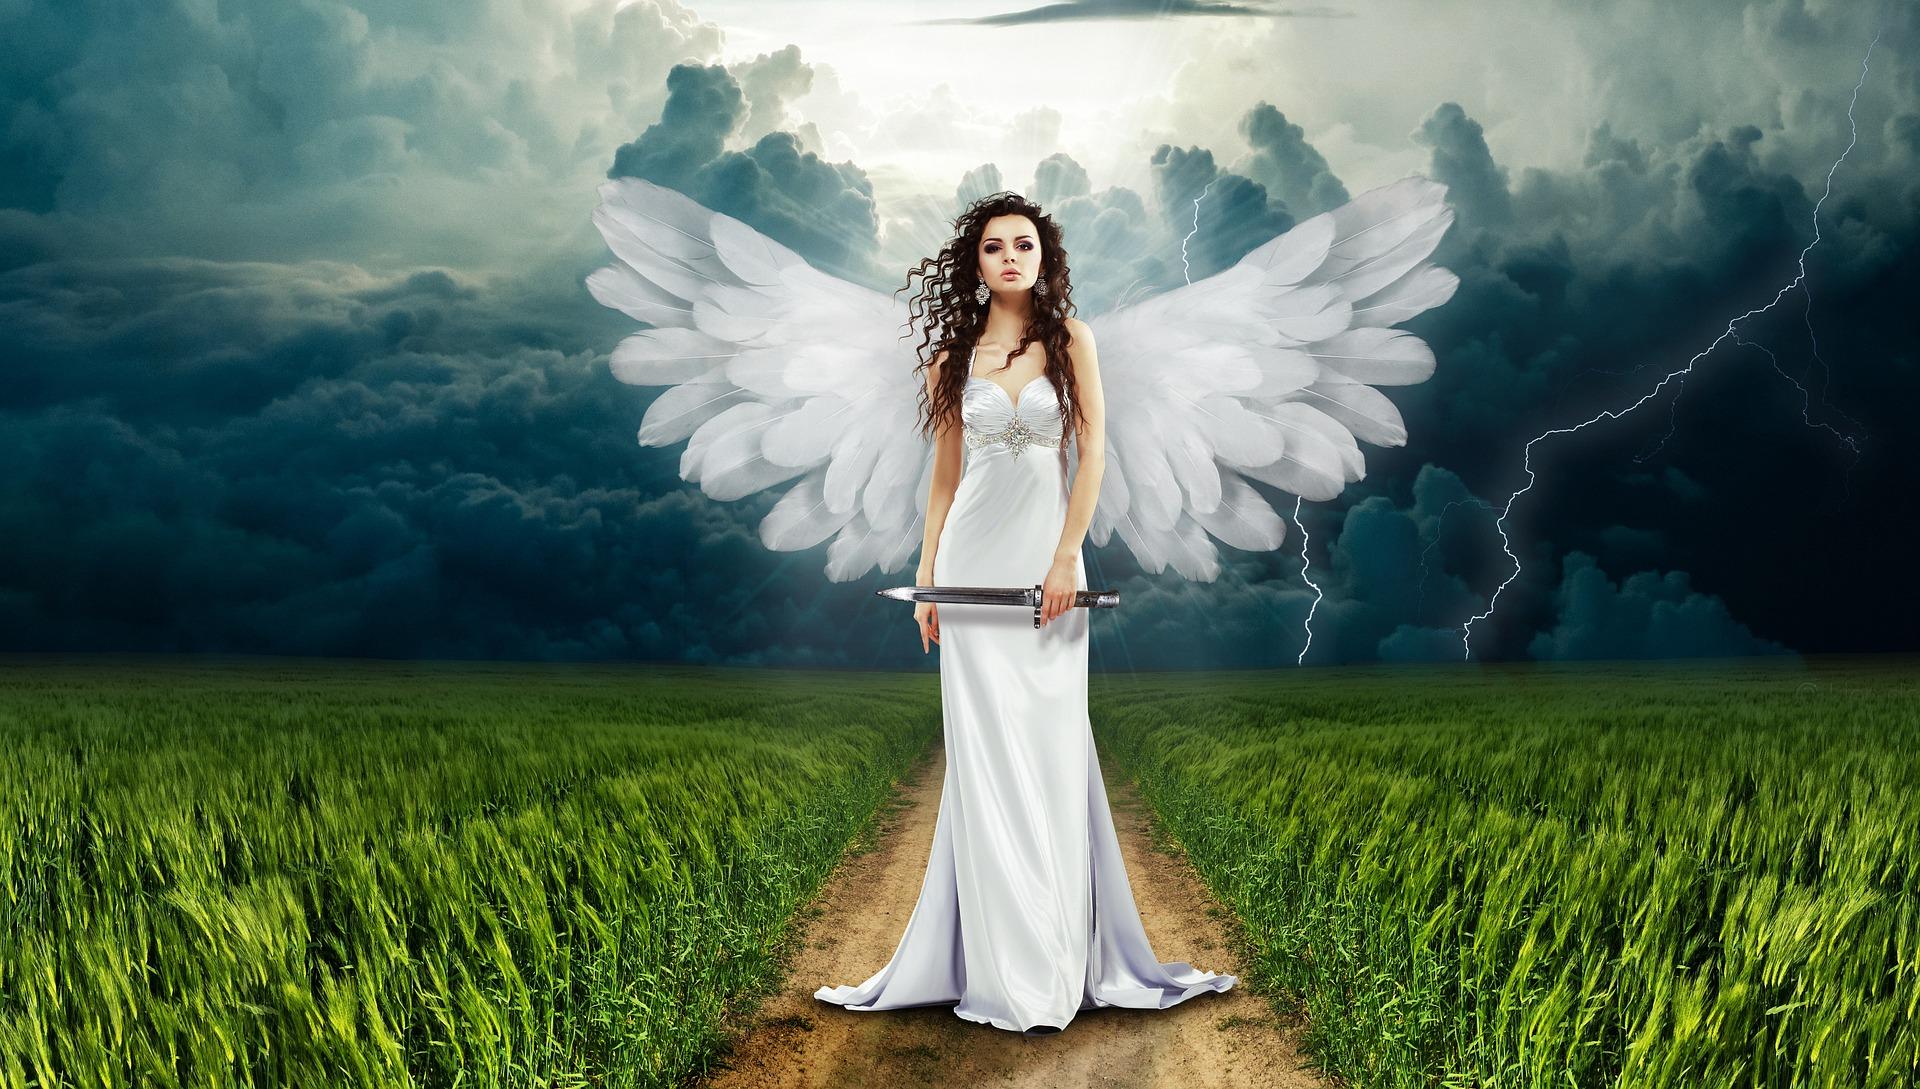 Άγγελος, γυναίκα, στιλέτο, φτερά, σύννεφα - Wallpapers HD - Professor-falken.com